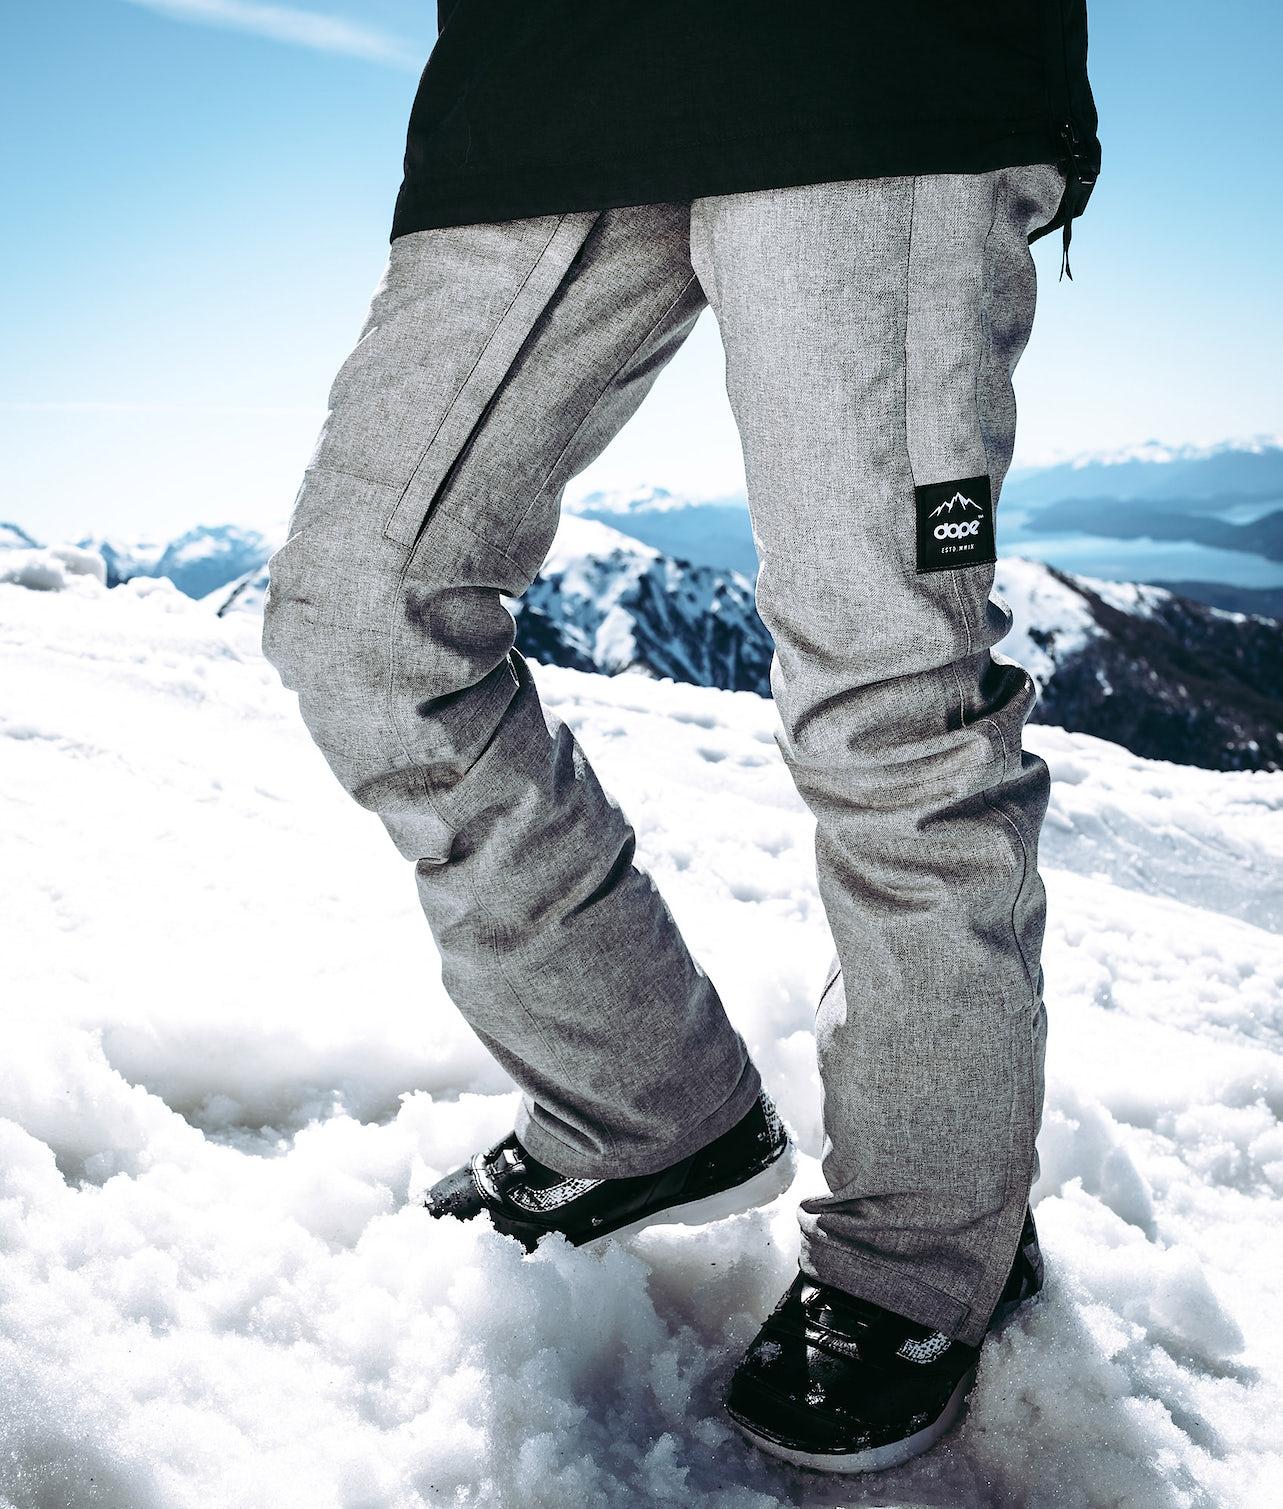 Köp Con 18 Snowboardbyxa från Dope på Ridestore.se Hos oss har du alltid fri frakt, fri retur och 30 dagar öppet köp!